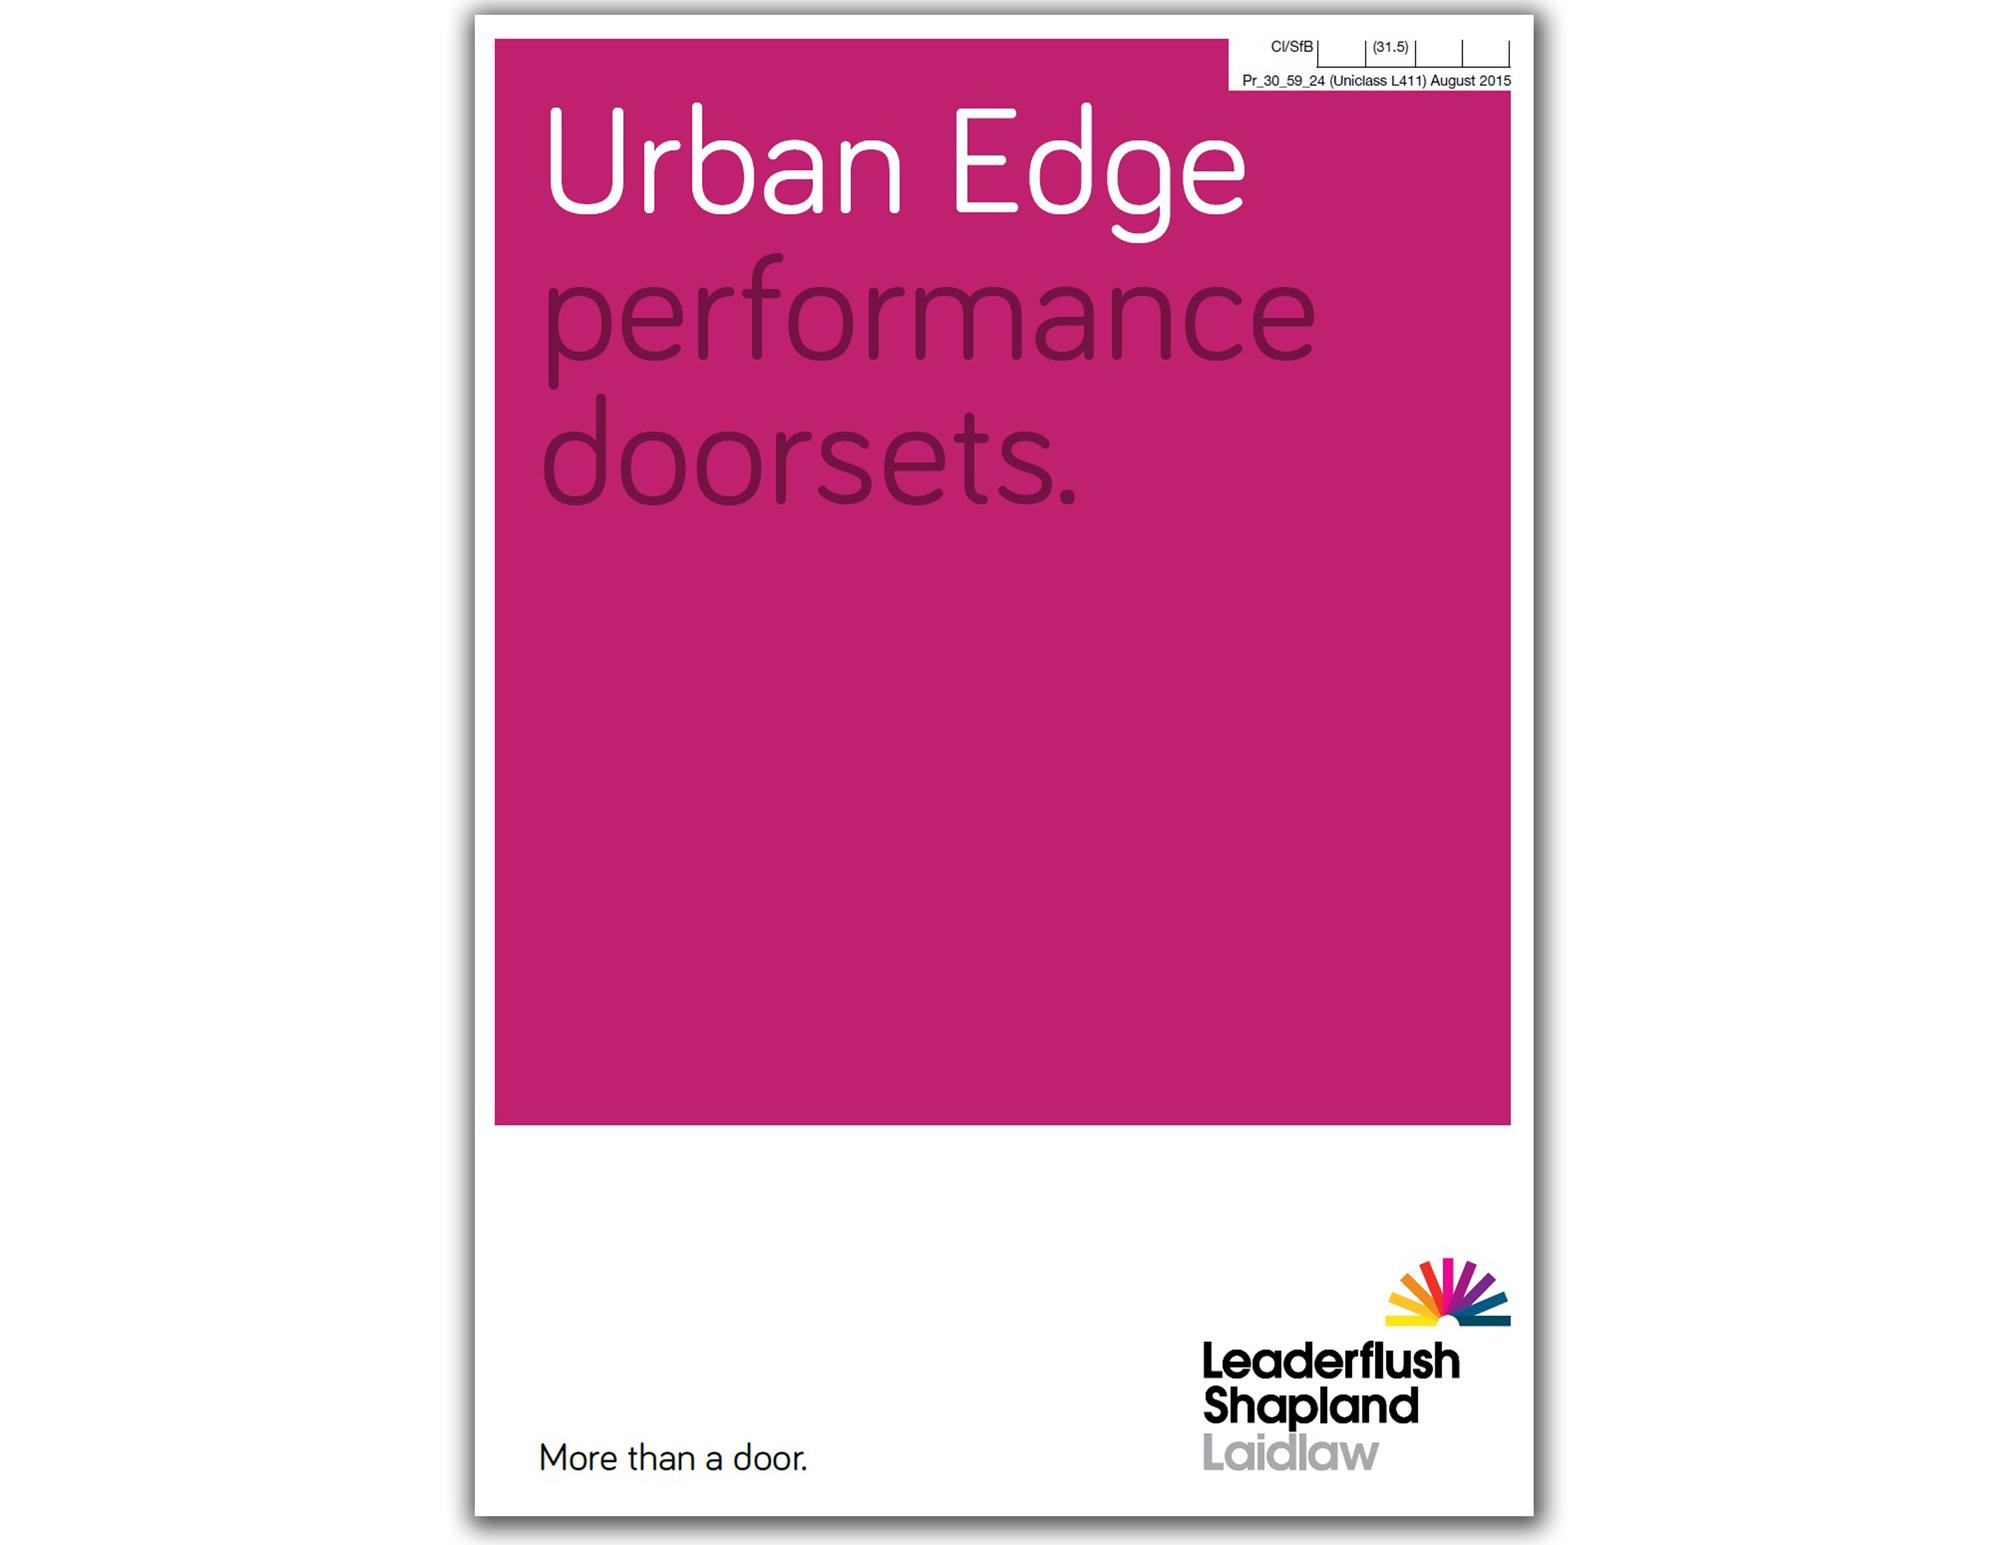 Urban Edge